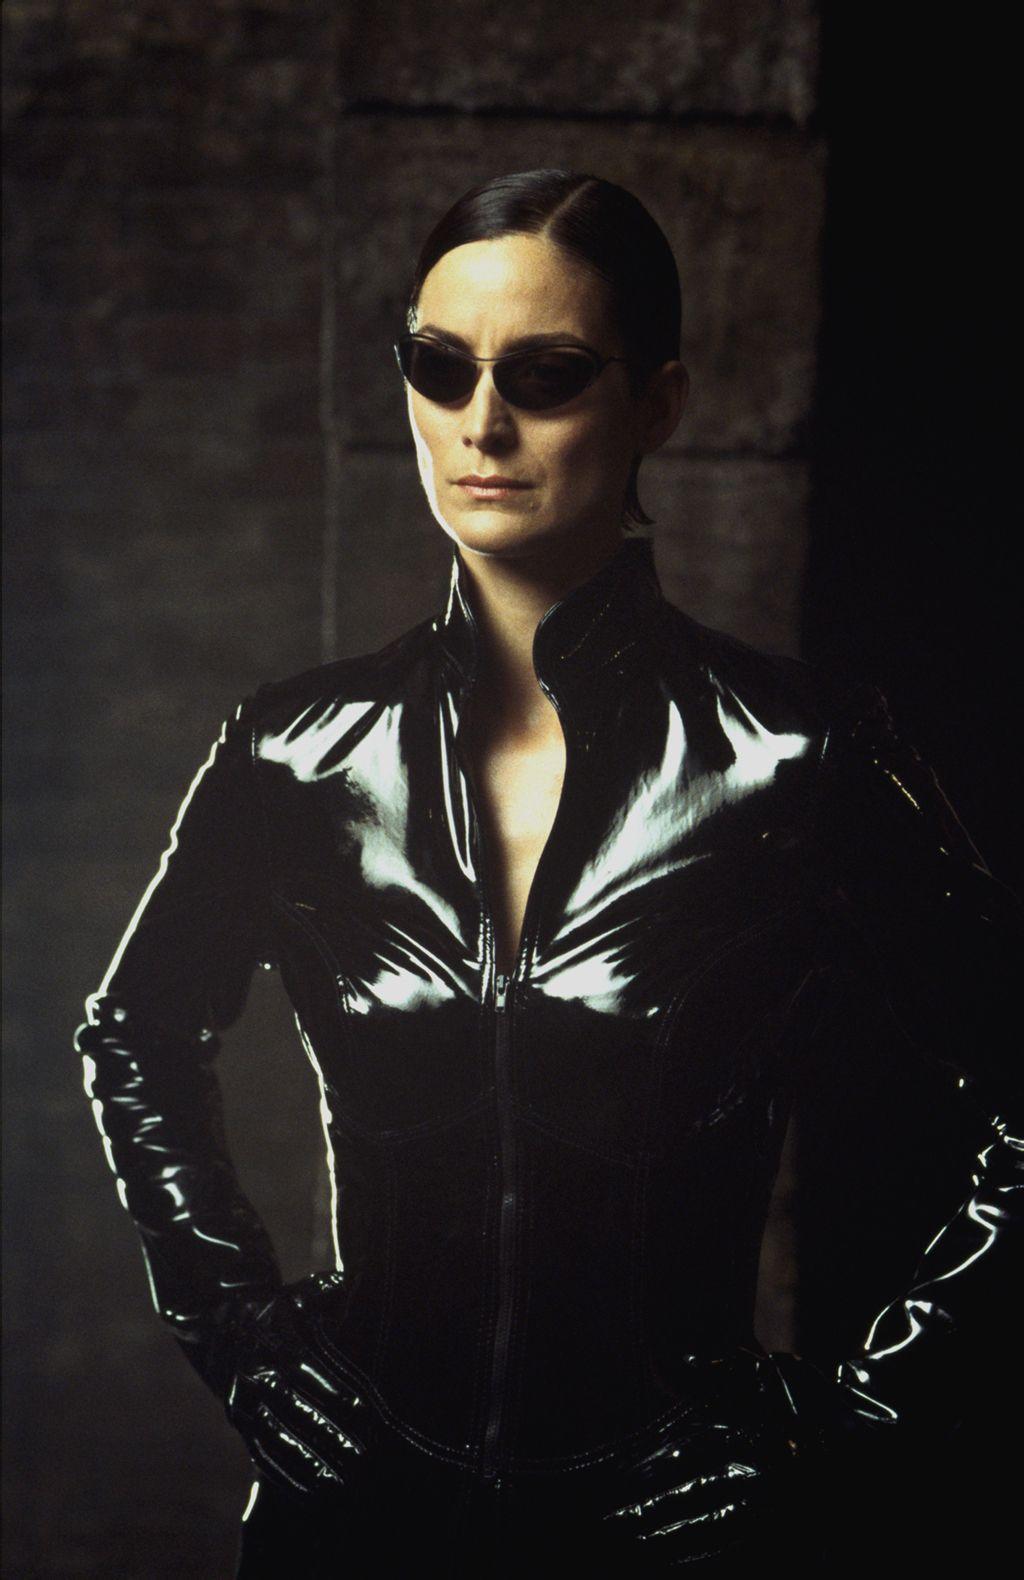 ... 朋友可以发几张黑客帝国女主角的高清图片_百度知道